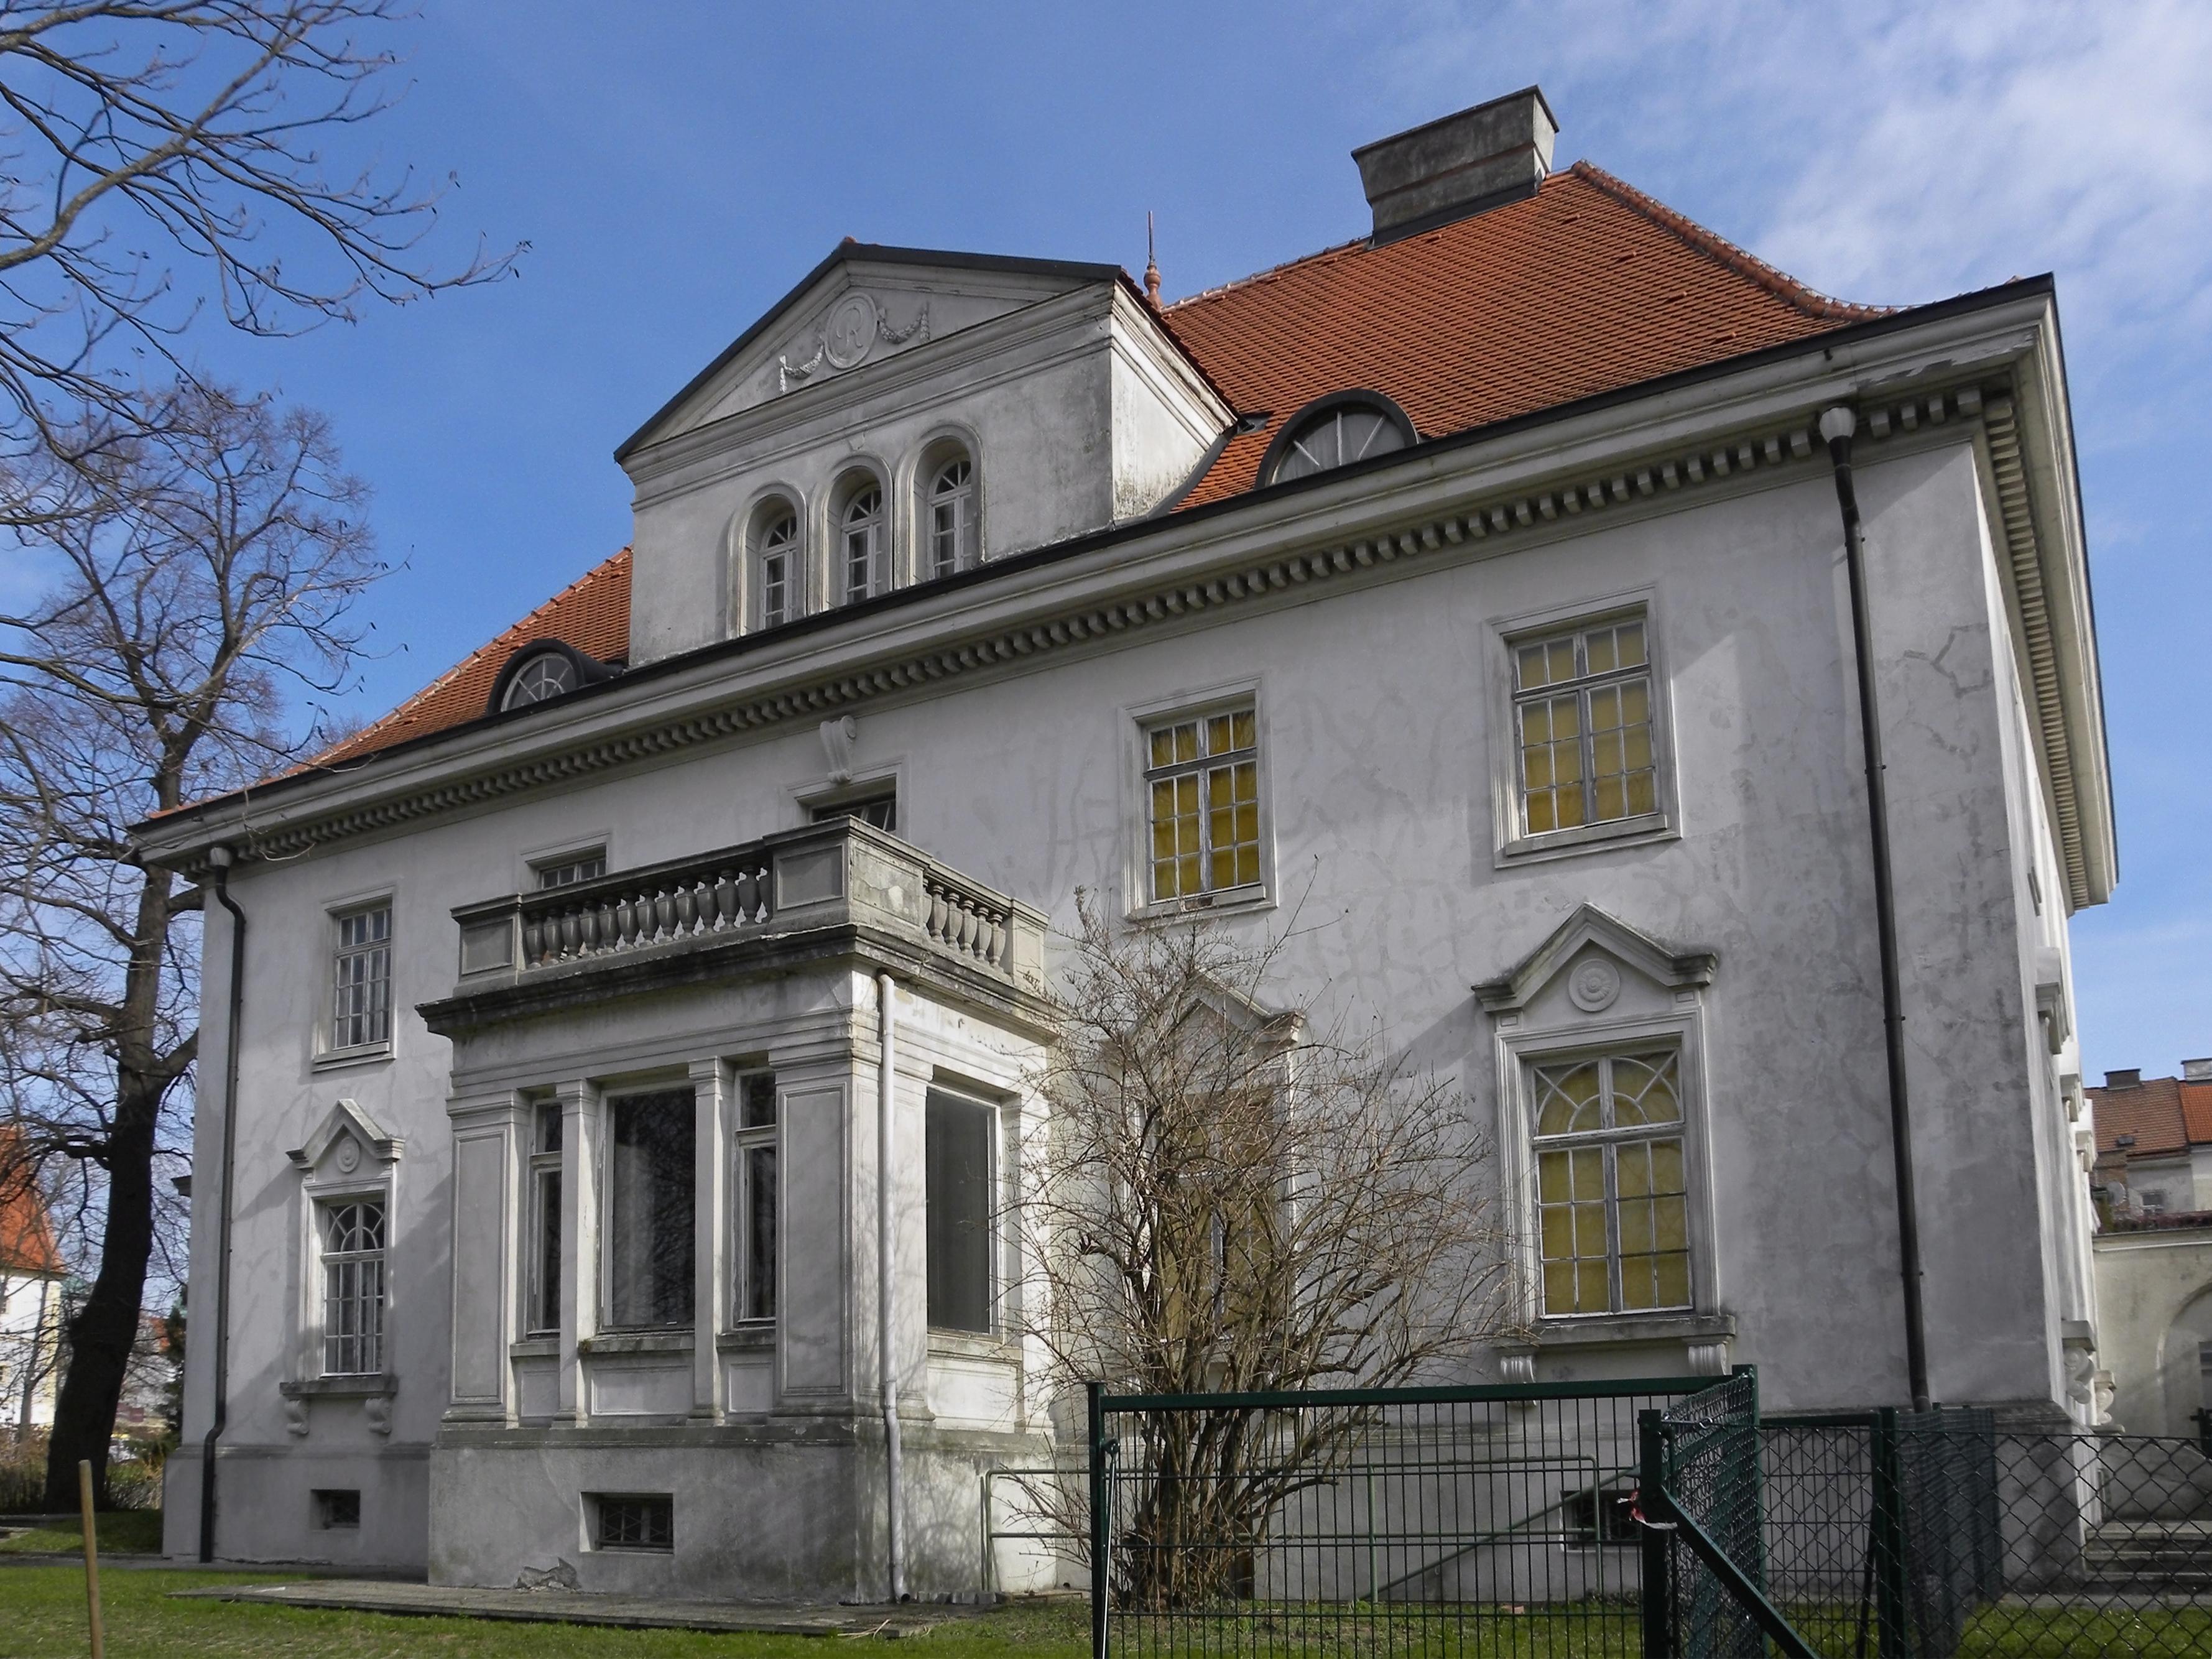 Garten Rostock file klosterneuburg rostock villa aus dem garten gesehen jpg